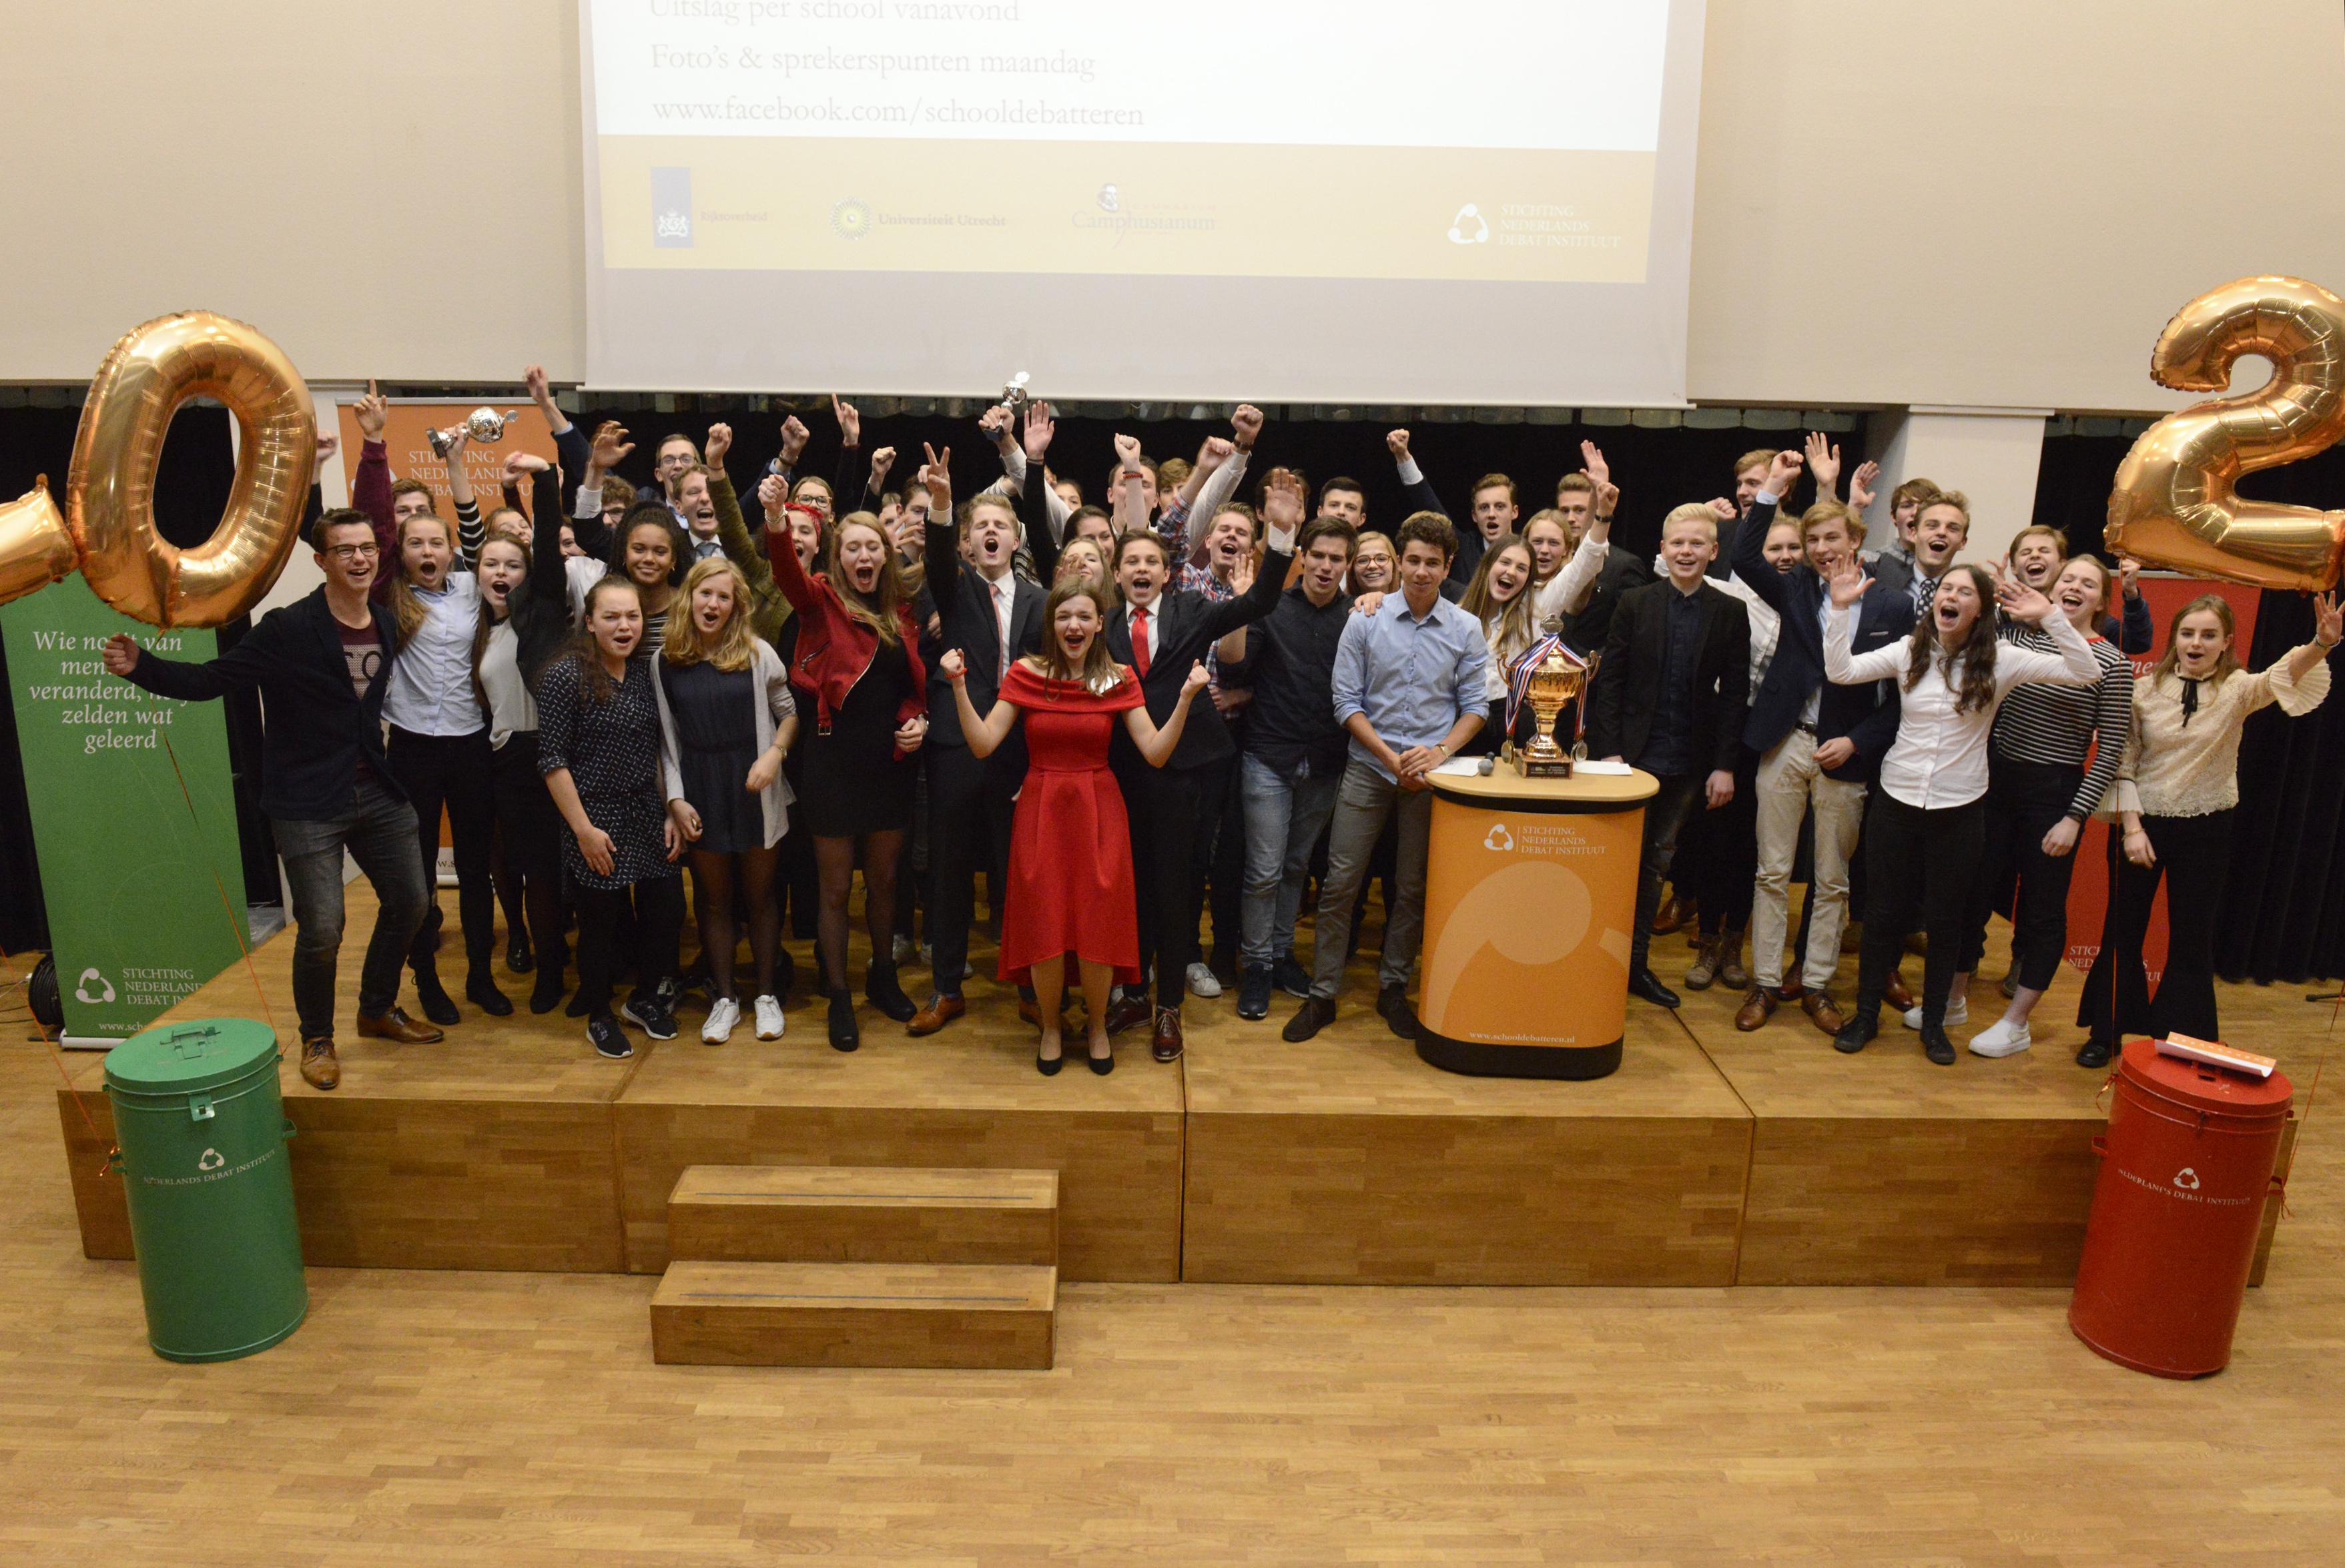 Scholieren Driestar College en Coornhert Gymnasium naar finale NK Debatteren